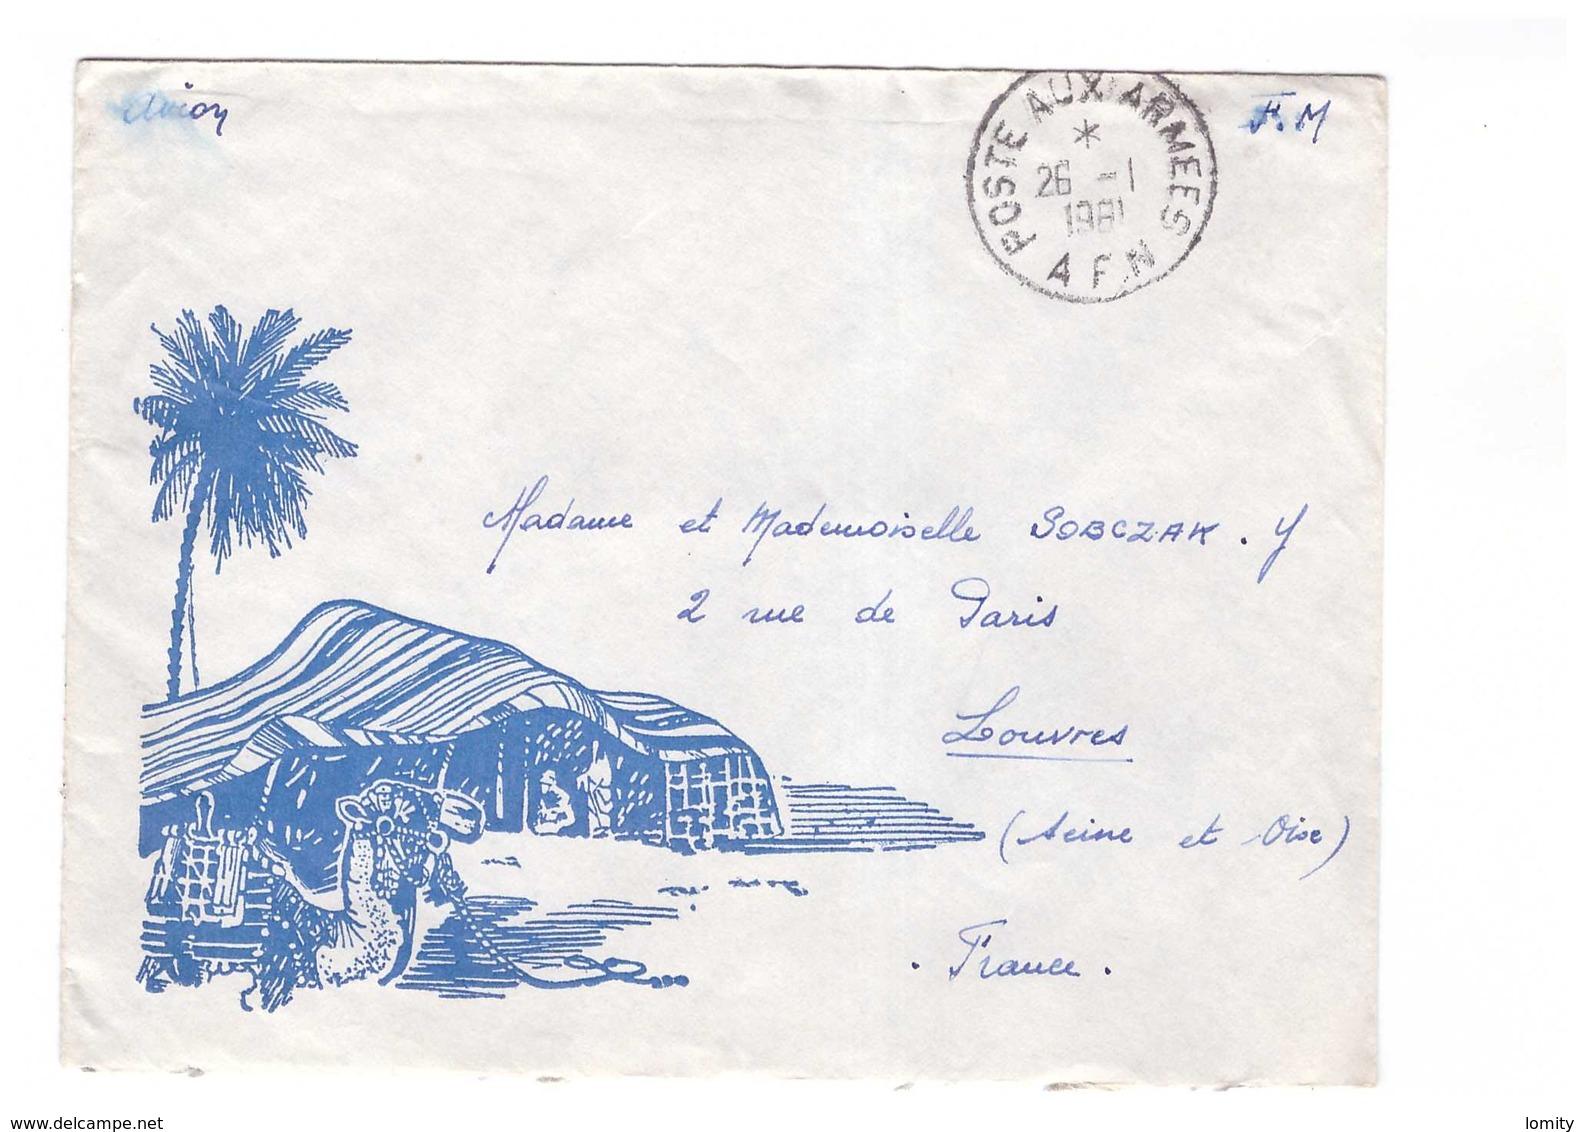 FRANCE Guerre D' Algérie Lettre Illustrée Par Avion Poste Aux Armées AFN 26.1. 1961 Pout Louvres Brigadier SP 88207 - Storia Postale